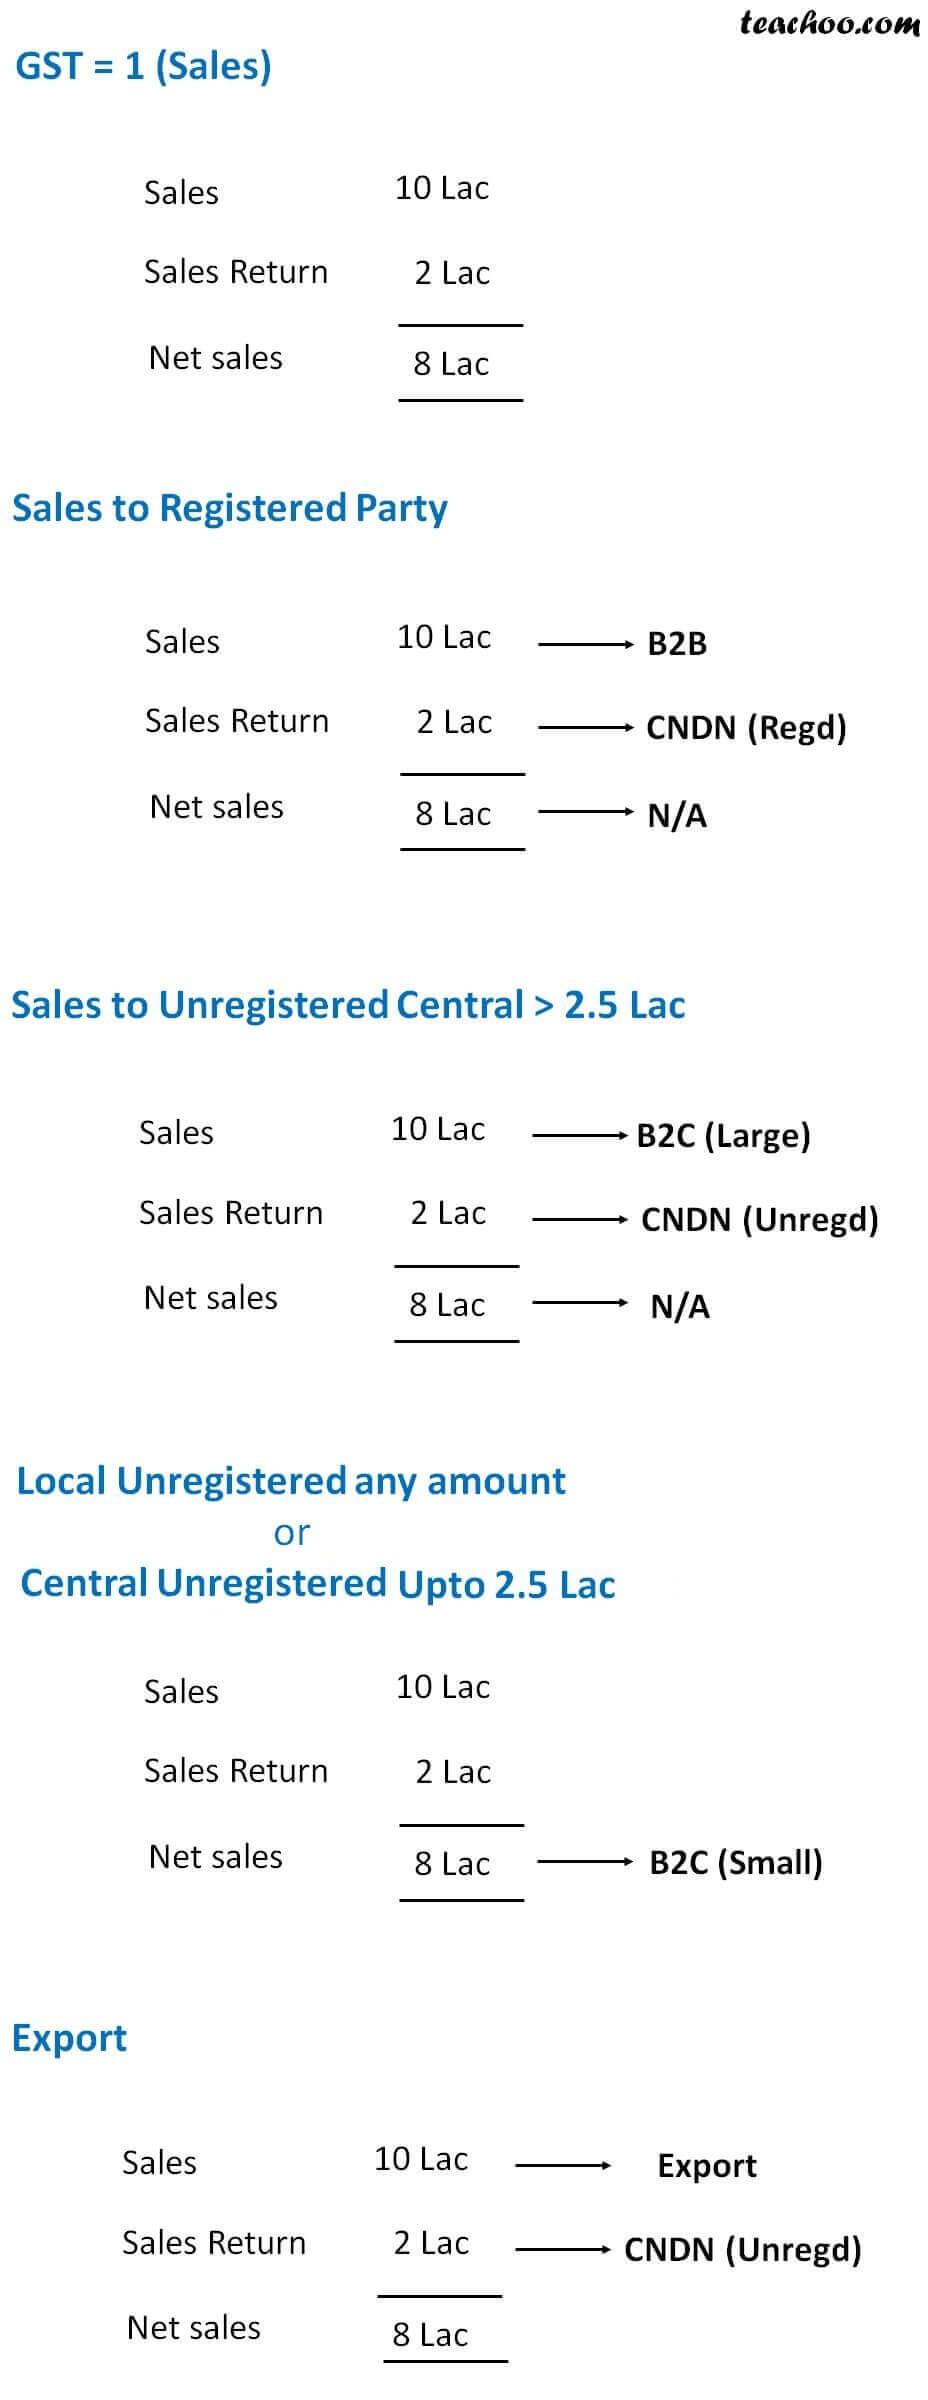 gst-=-1-(sales).jpg